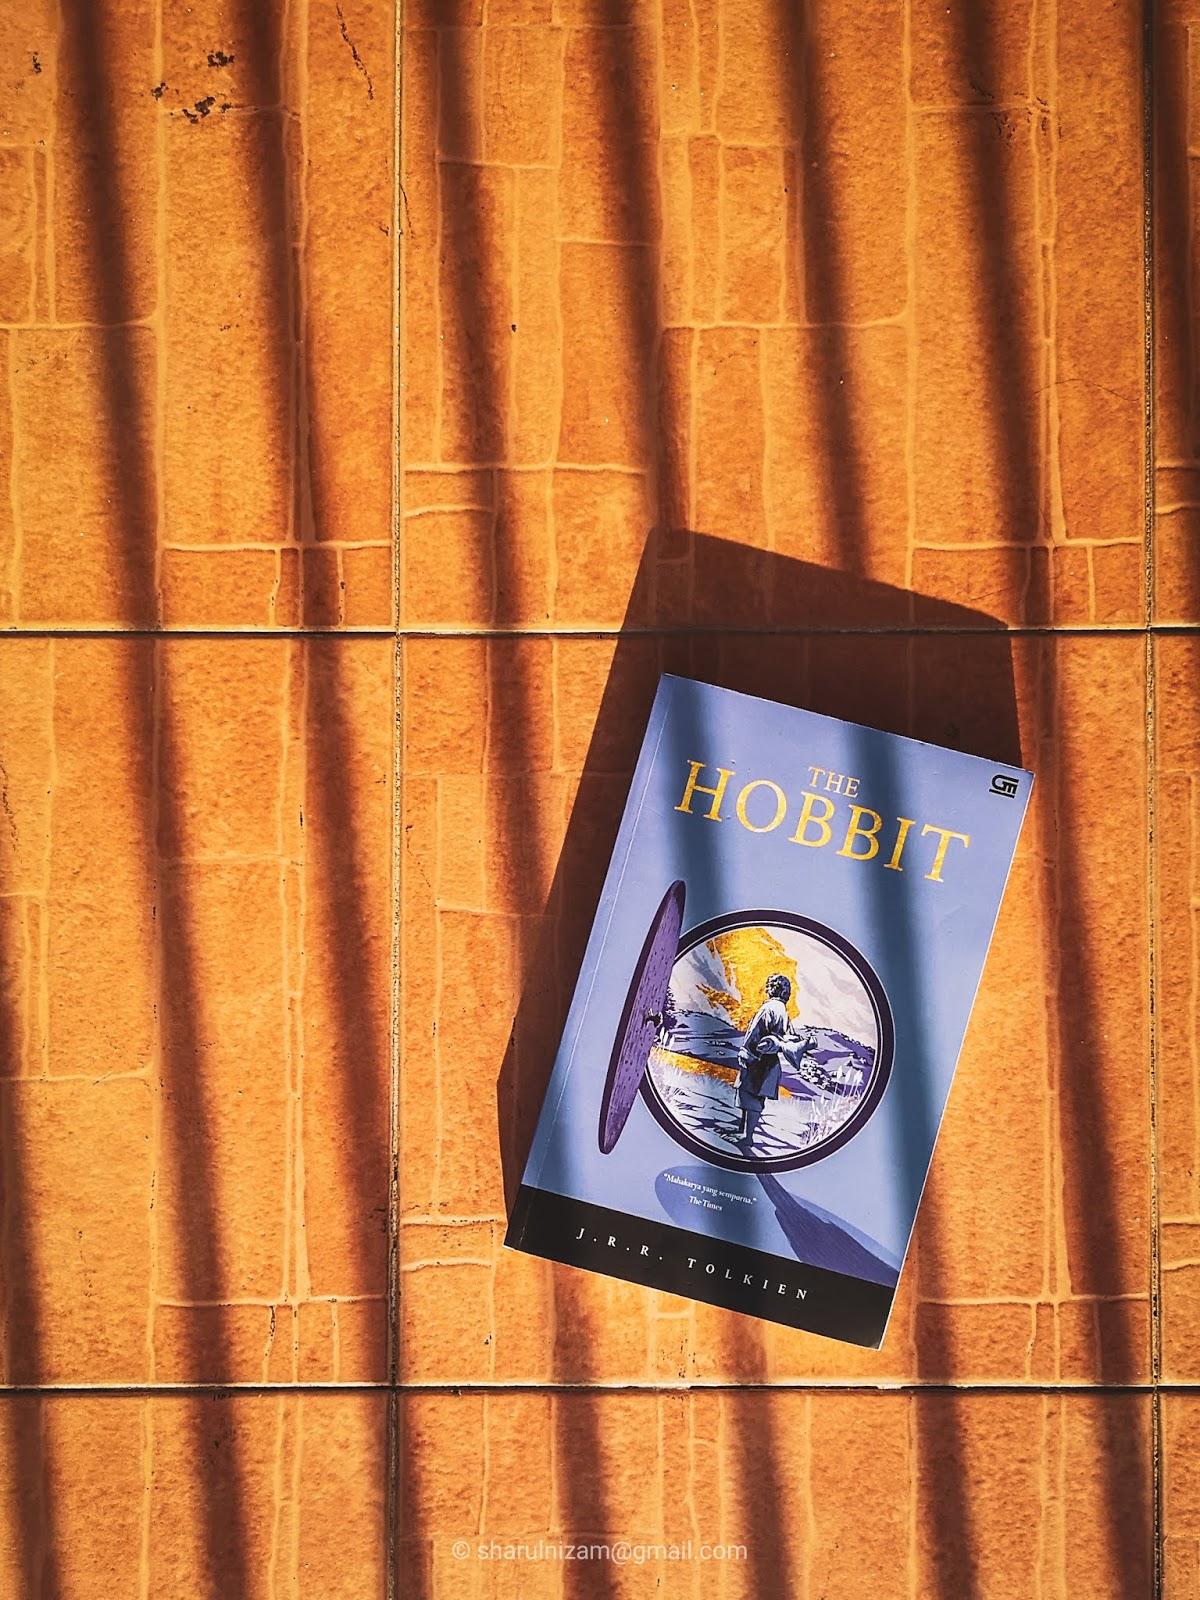 The Hobbit Oleh J.R.R Tolkien